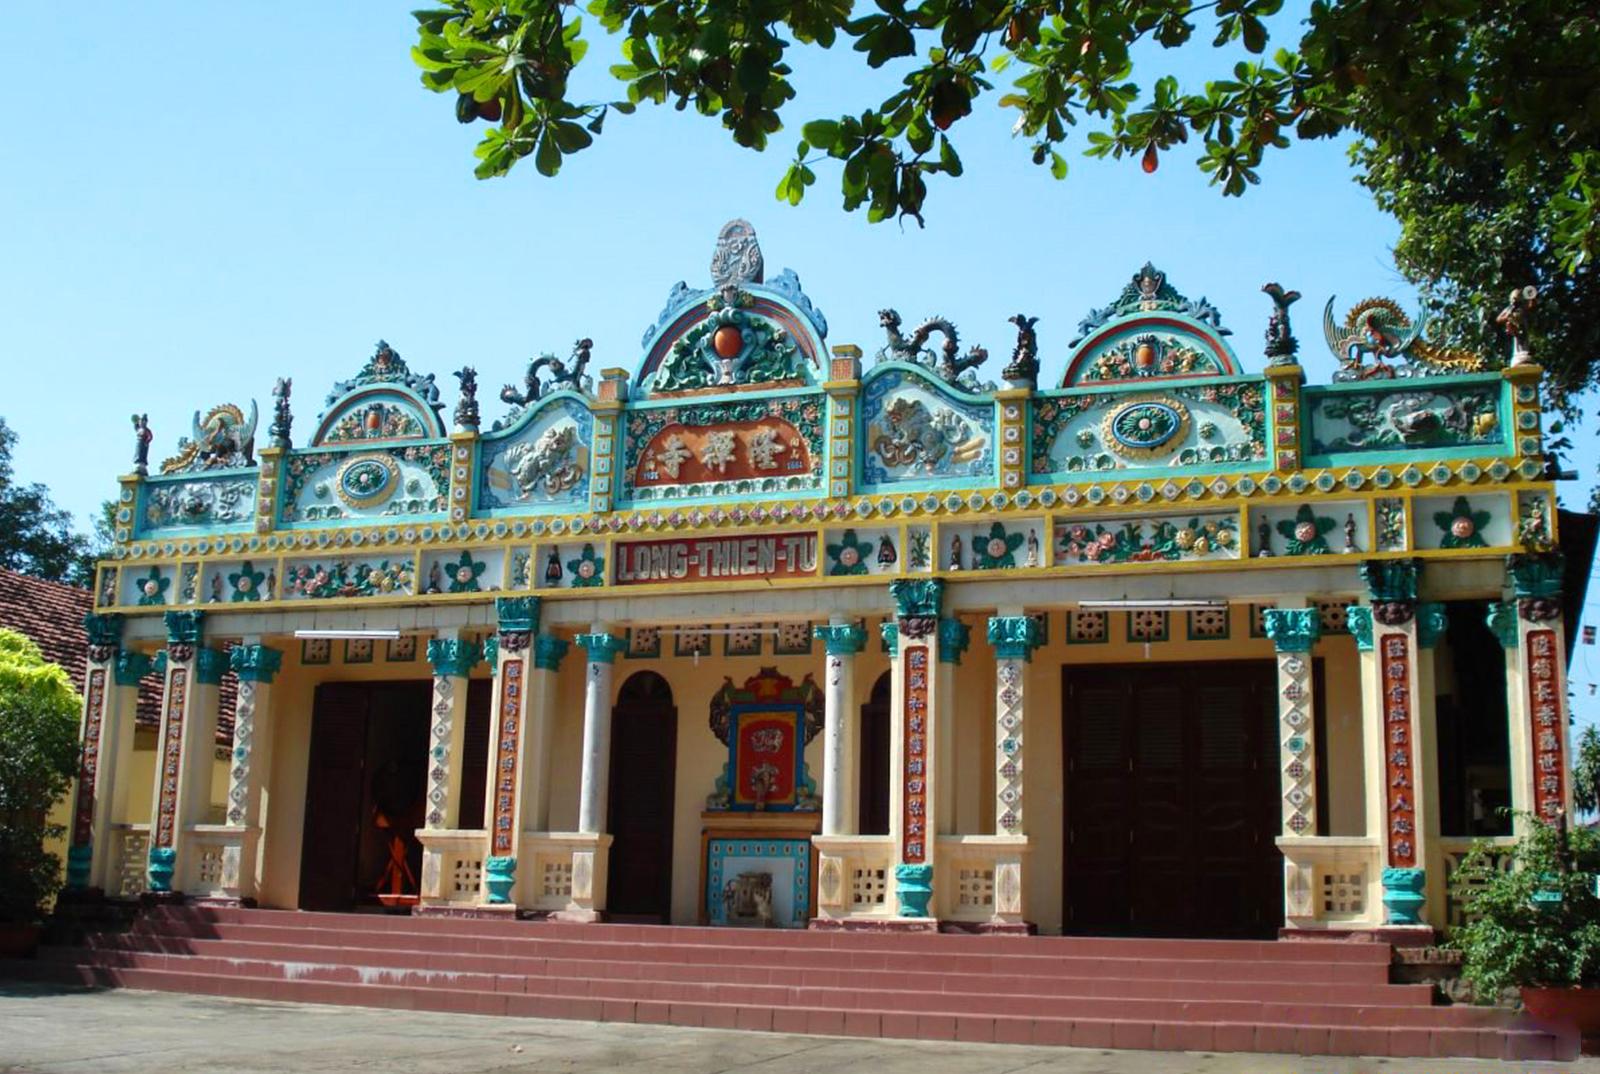 chùa long thiền